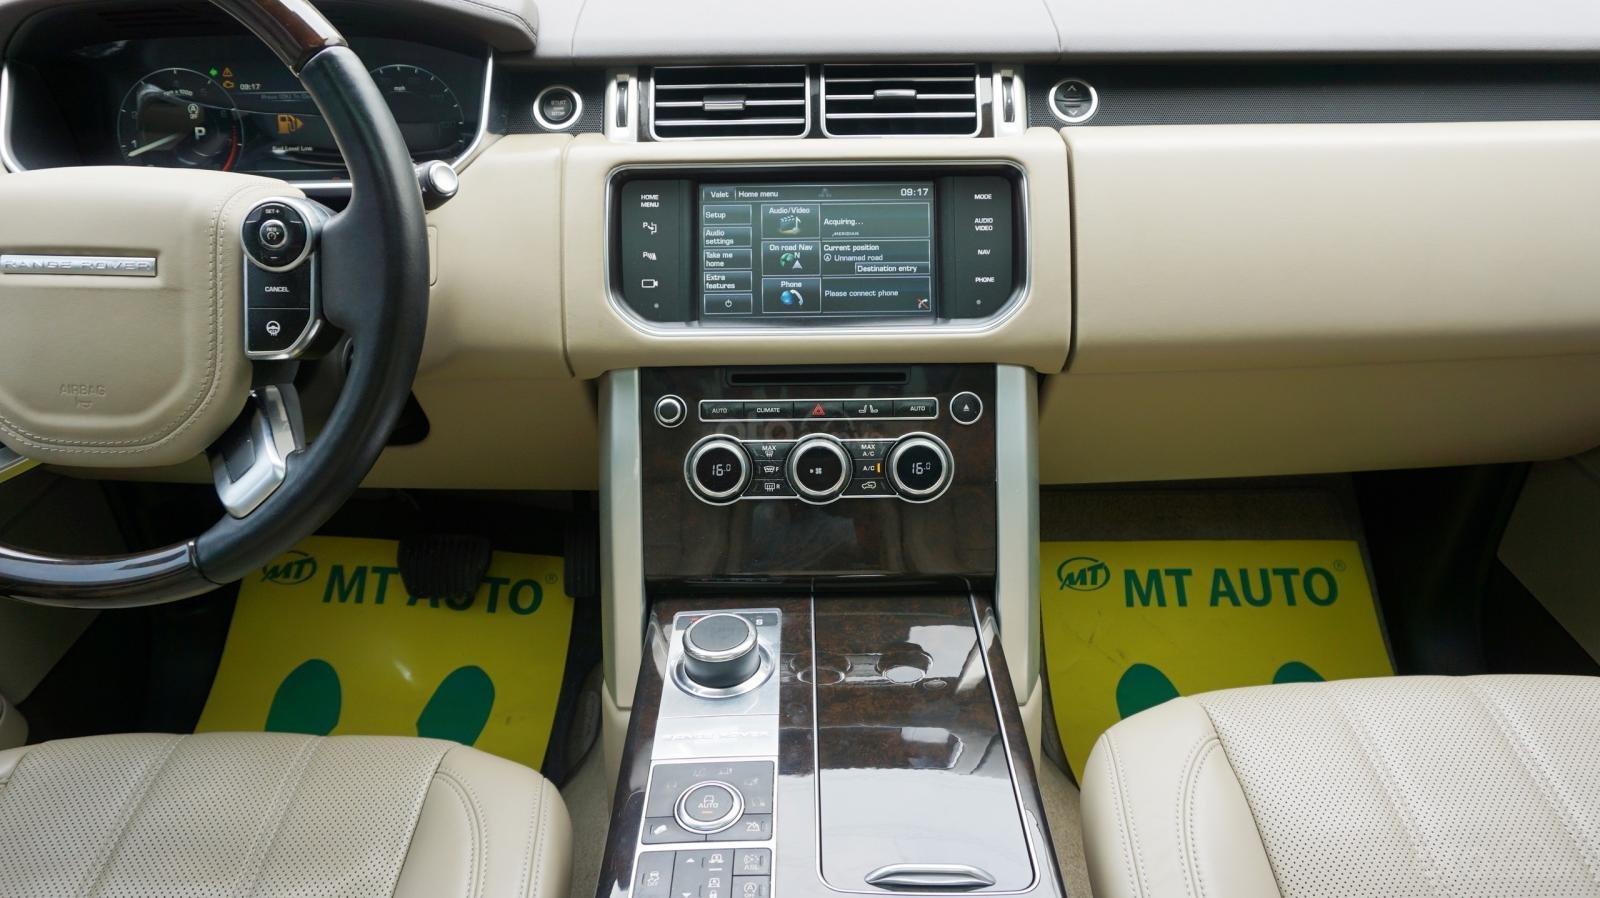 Bán LandRover Range Rover HSE đời 2015, màu bạc, nhập khẩu Mỹ. LH 0982.84.2838-17